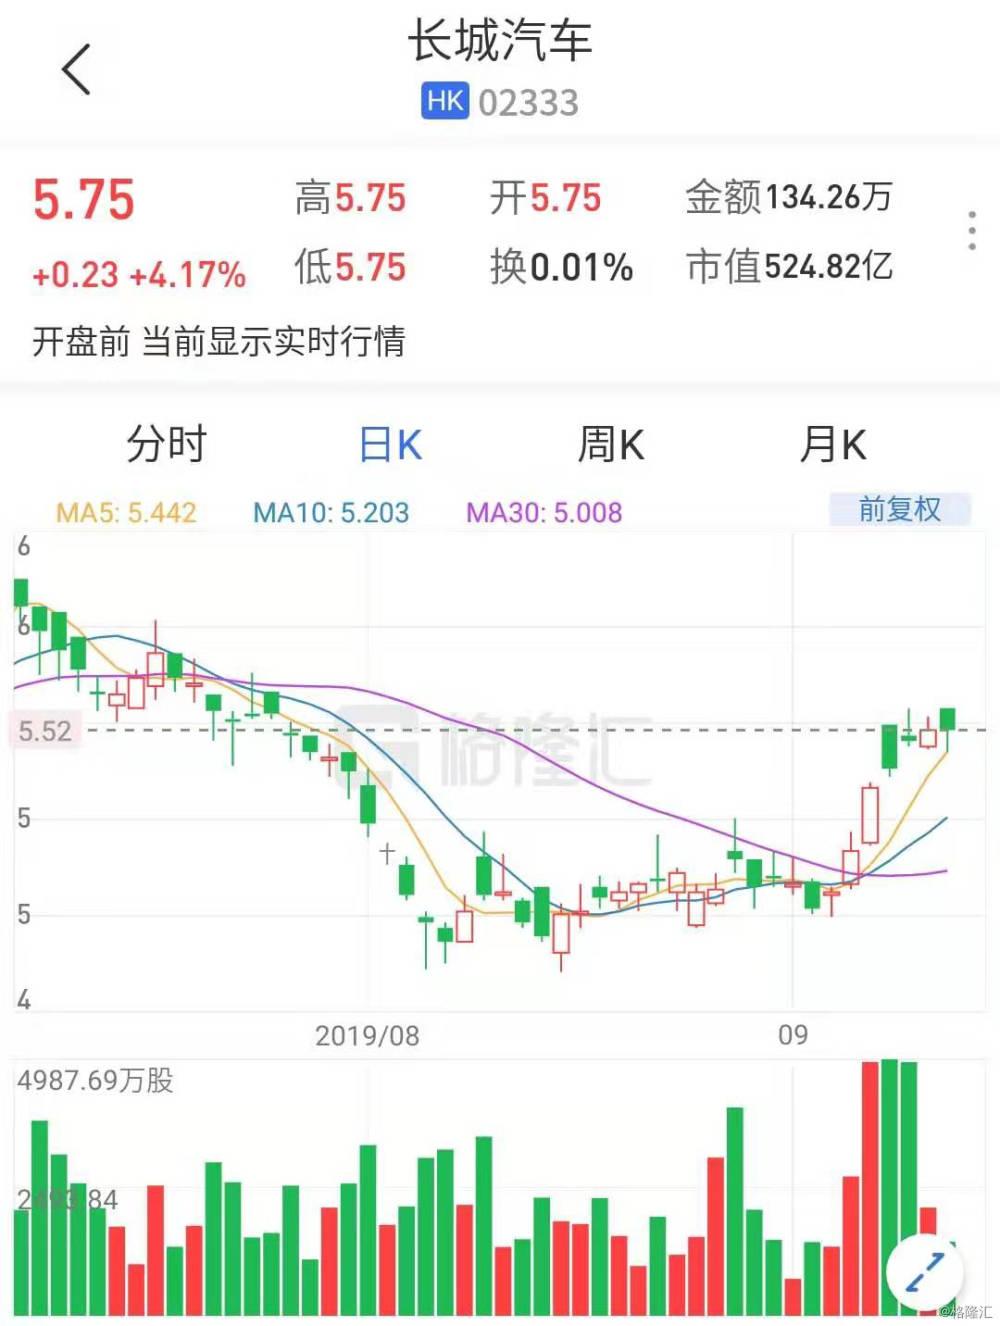 长城汽车(2333.HK)高开4.17% 获小摩增持至5.06%